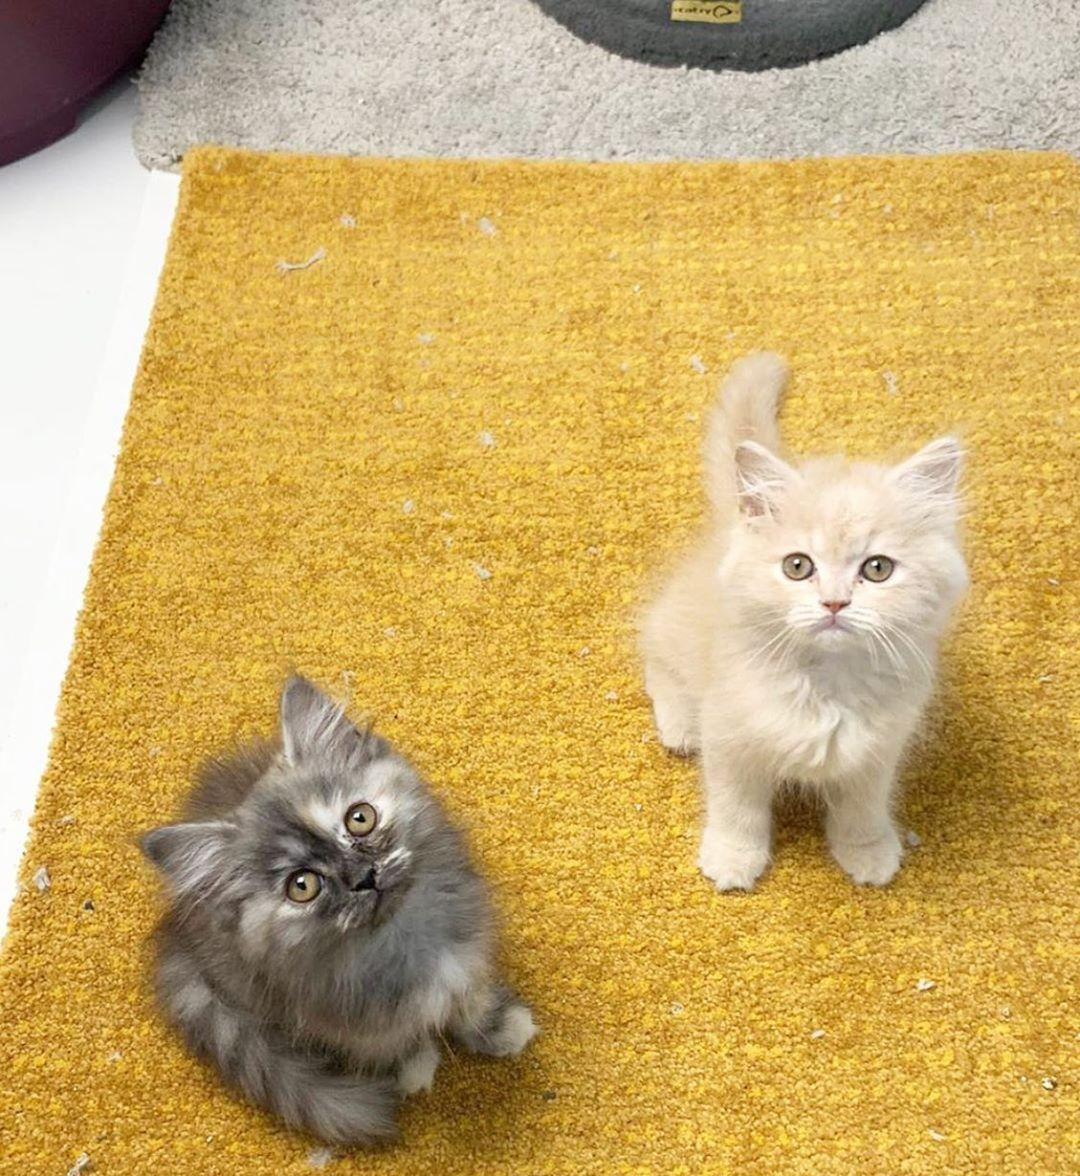 قطط للبيع في الفجيرة الذكور والإناث رائع تولد القطط الفارسي المحبة نقية مربع الفارسي الذكور والإناث وتبحث عن منزل الحيوانات الأليفة إلى الأبد Animals Cats